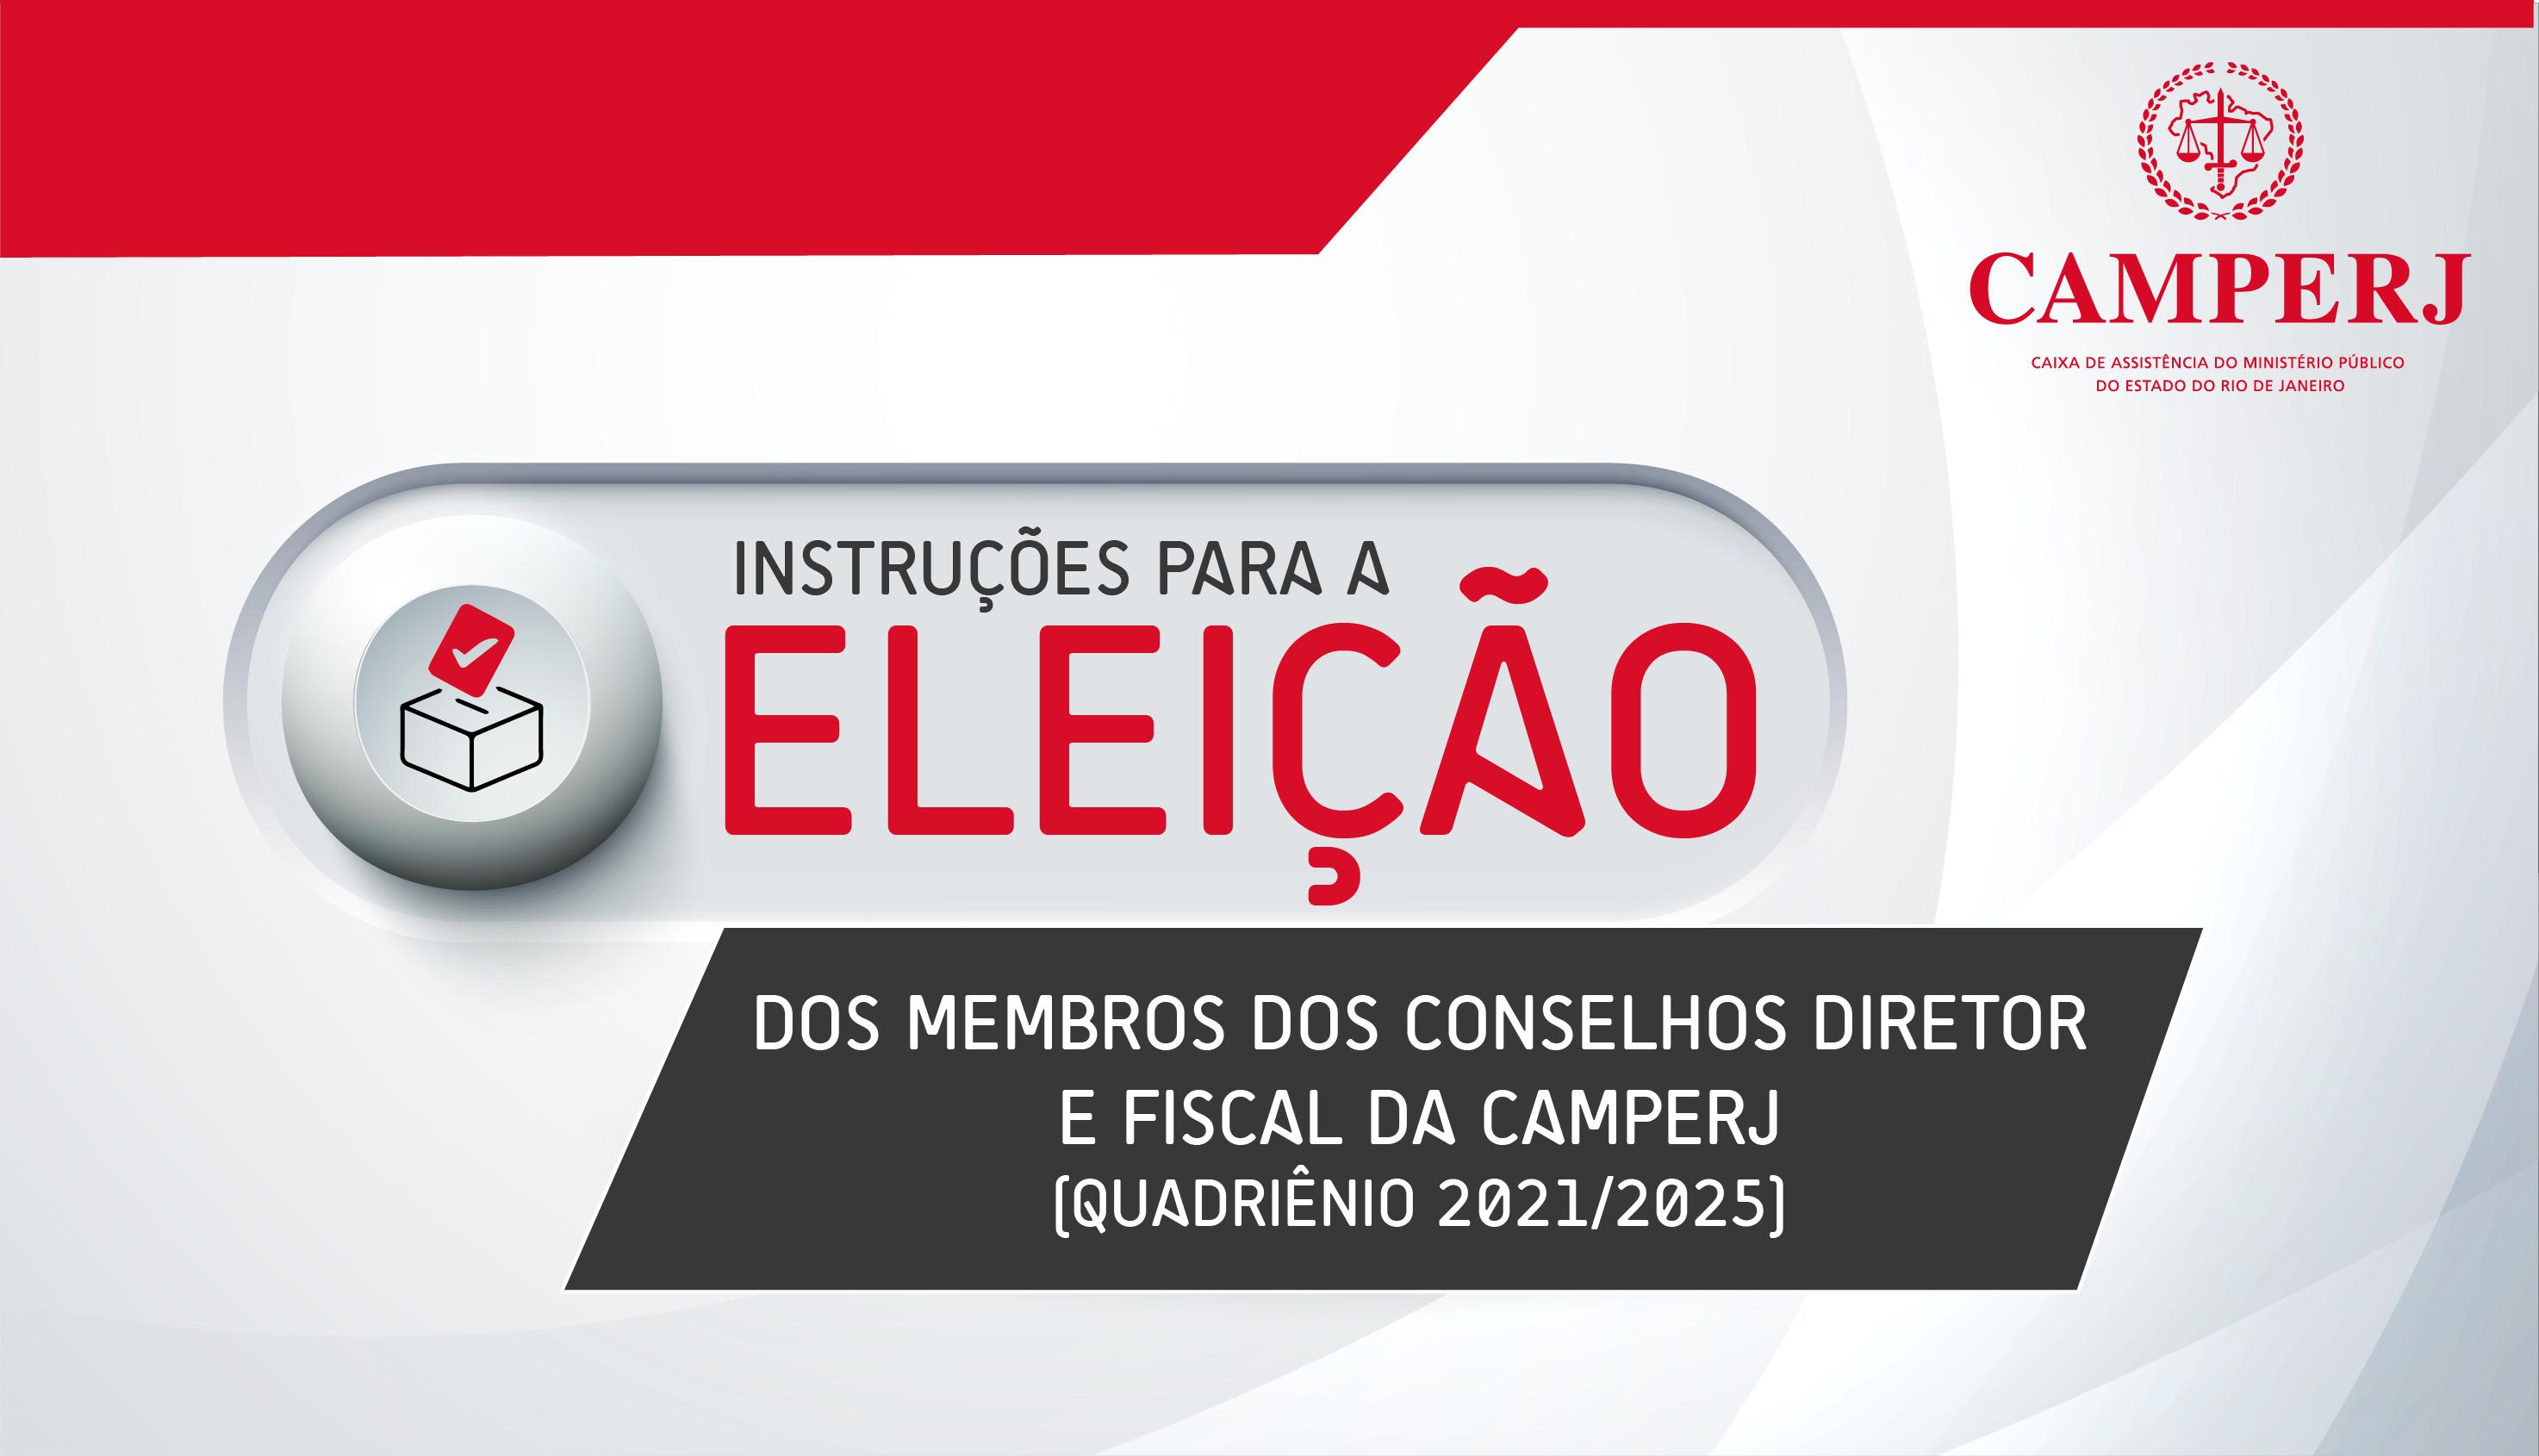 Instruções para a Eleição dos Membros dos Conselhos Diretor e Fiscal da CAMPERJ (Quadriênio 2021/2025)